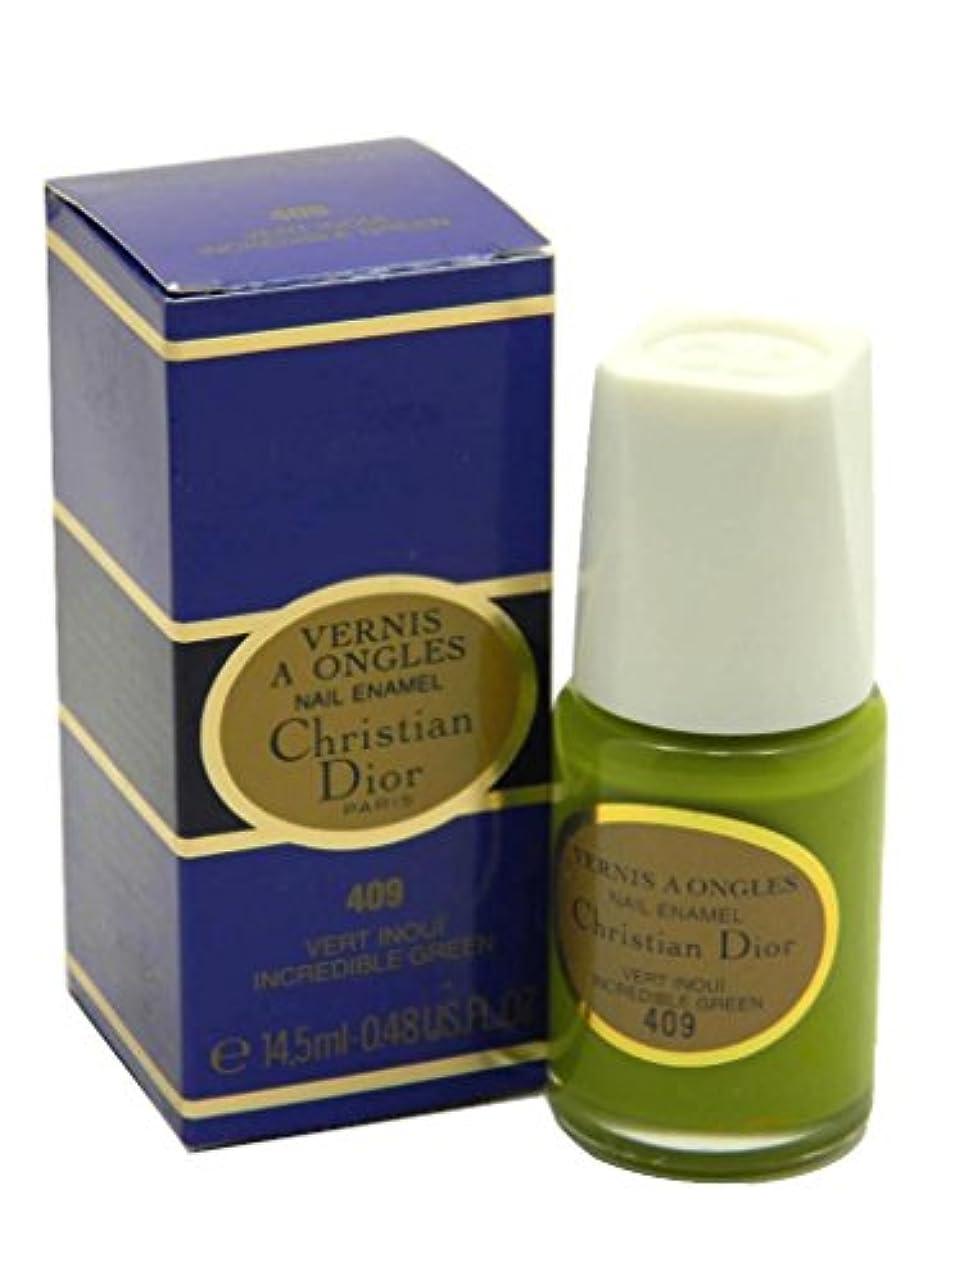 観察する文献肯定的Dior Vernis A Ongles Nail Enamel Polish 409 Incredible Green(ディオール ヴェルニ ア オングル ネイルエナメル ポリッシュ 409 インクレディブルグリーン)...